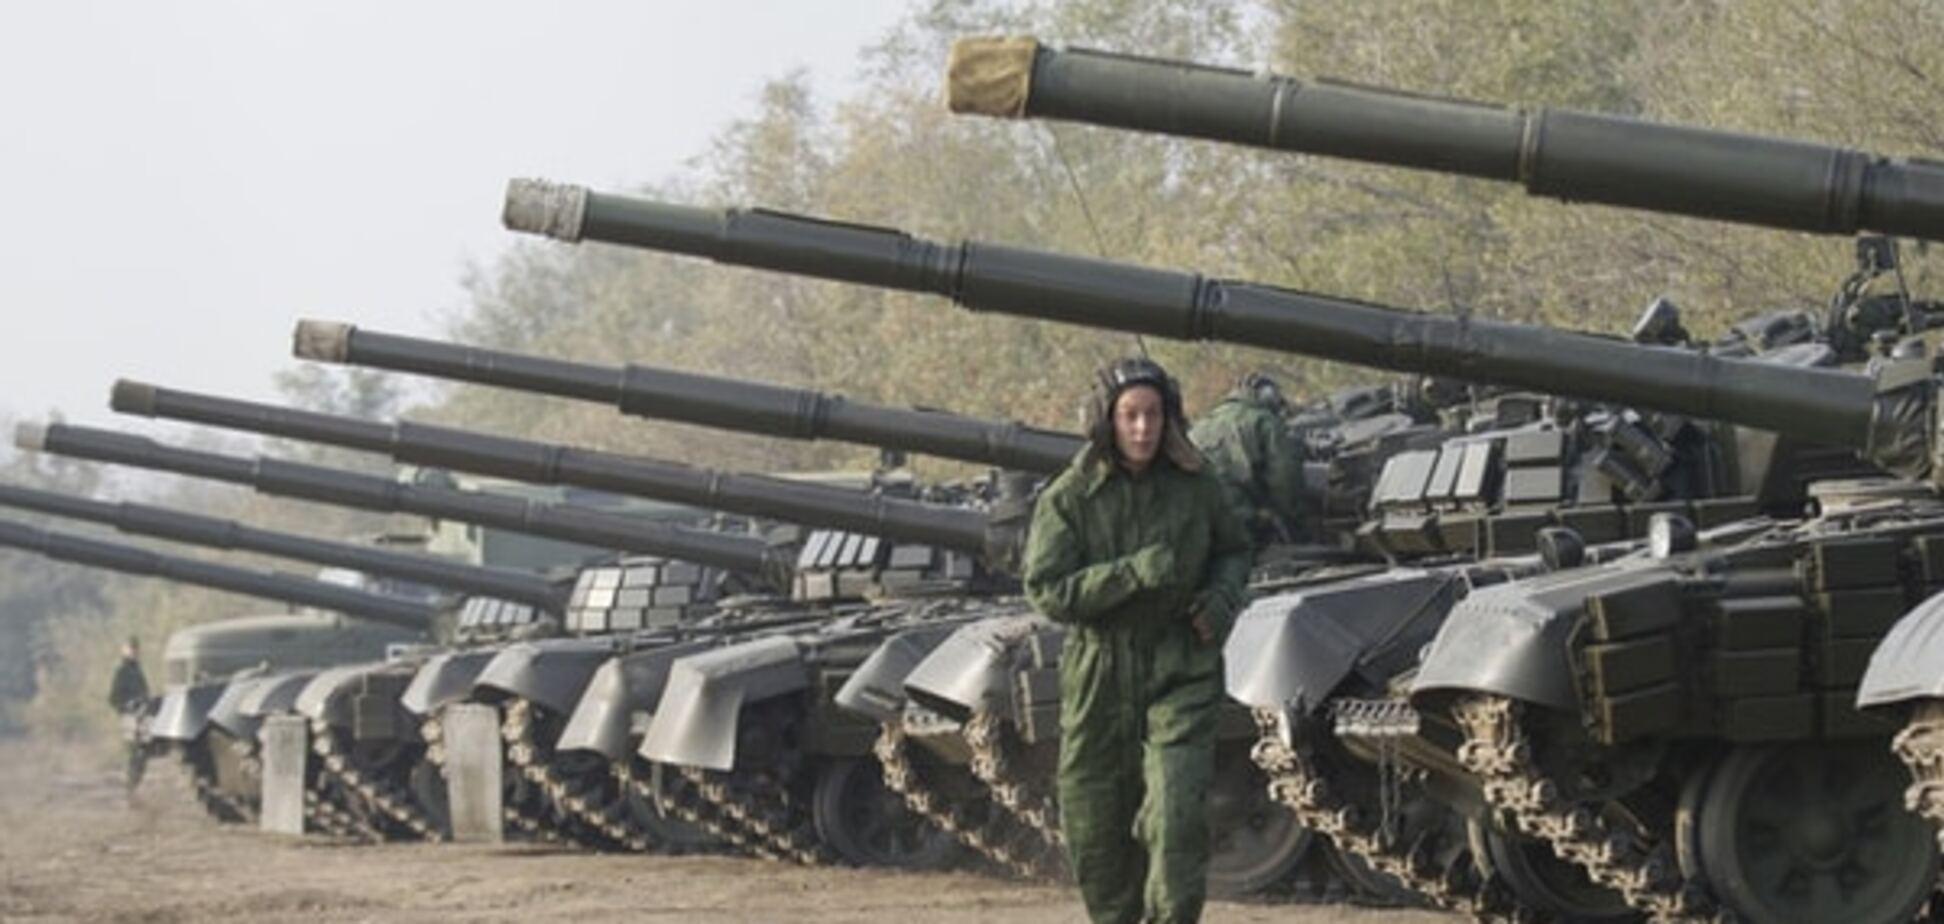 Терористи не відводять артилерію від лінії зіткнення - розвідка